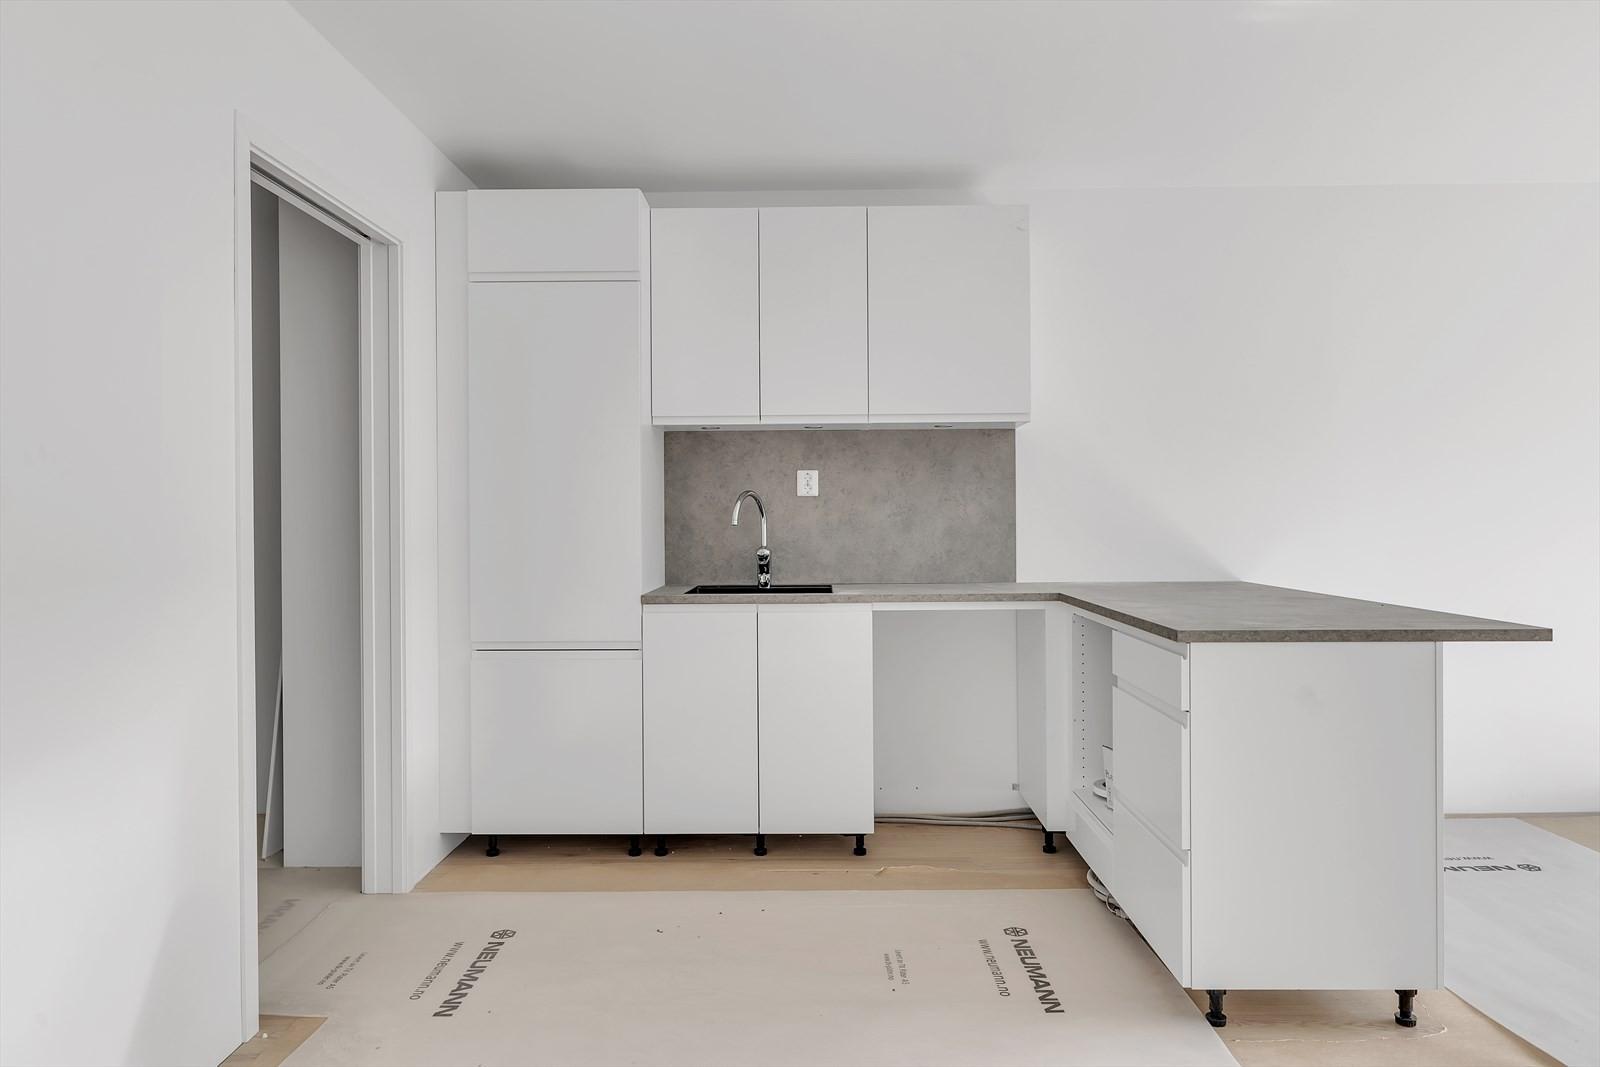 Stue og kjøkken, Hvit kjøkken fra Kvik med takhengt ventilator - ennå ikke montert